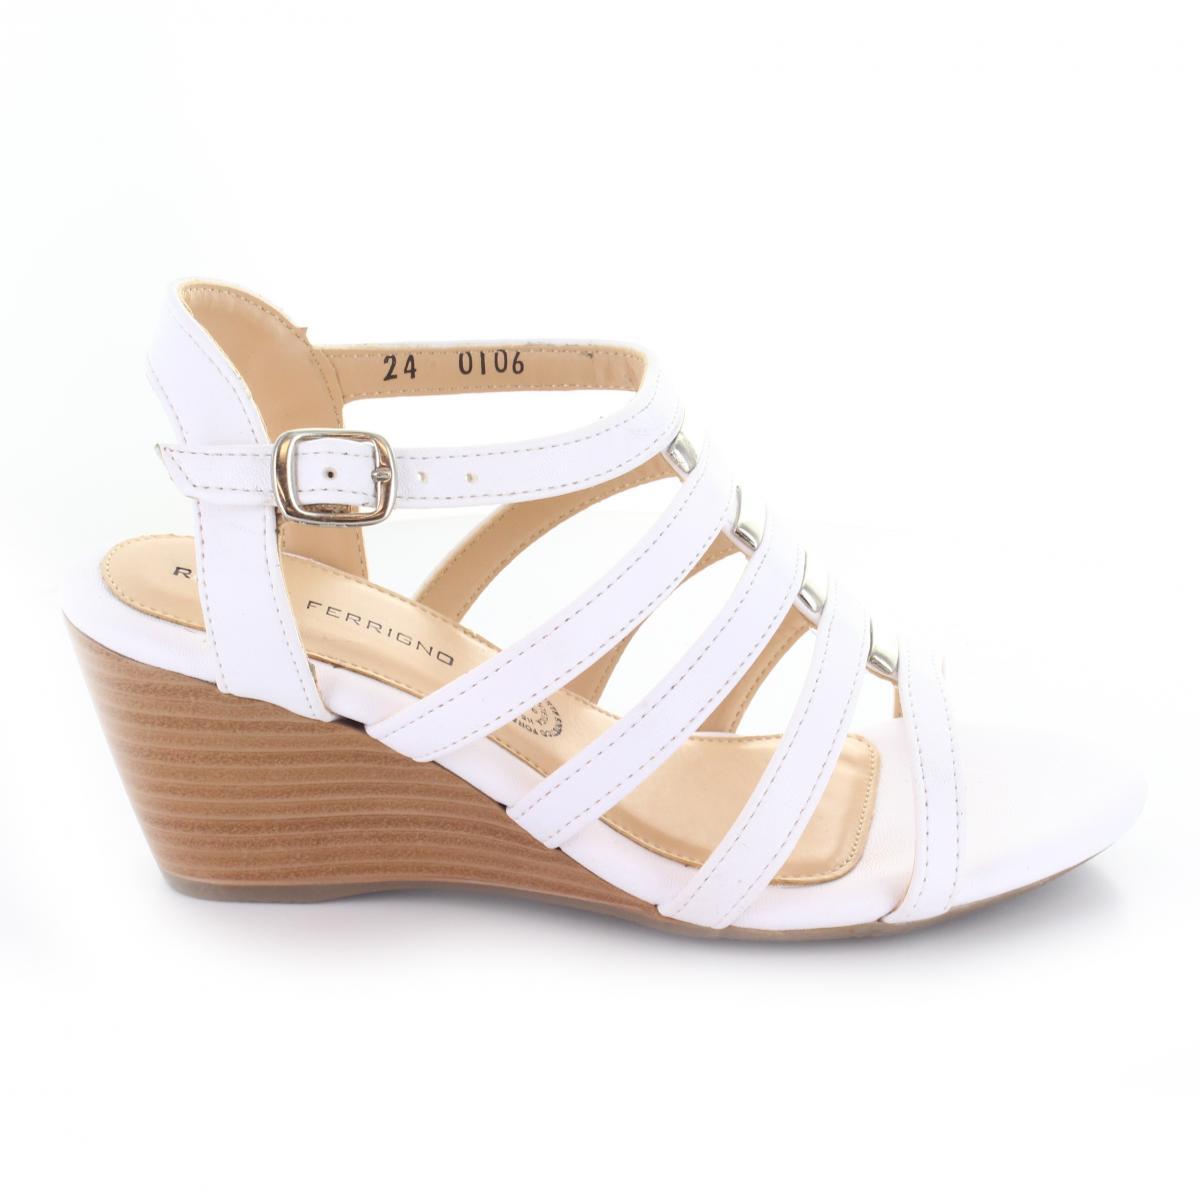 b453192258a ... Sandalia para Mujer Rafael Ferrigno 0106 Color Blanco ...